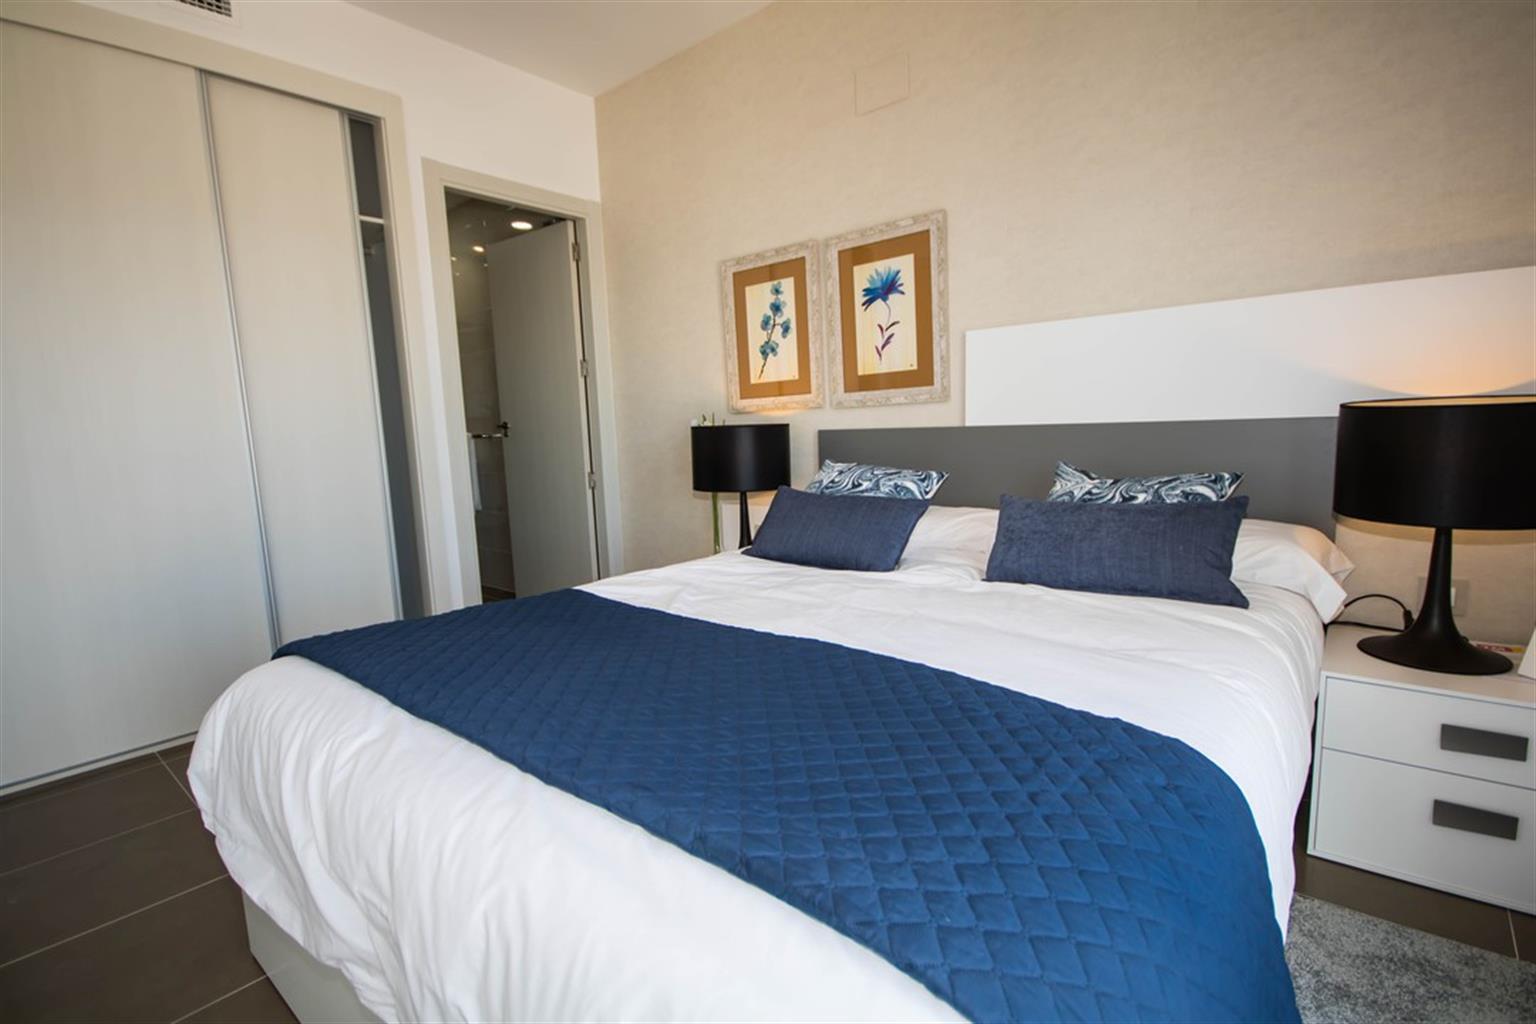 Appartement - Orihuela Costa - #4228409-17